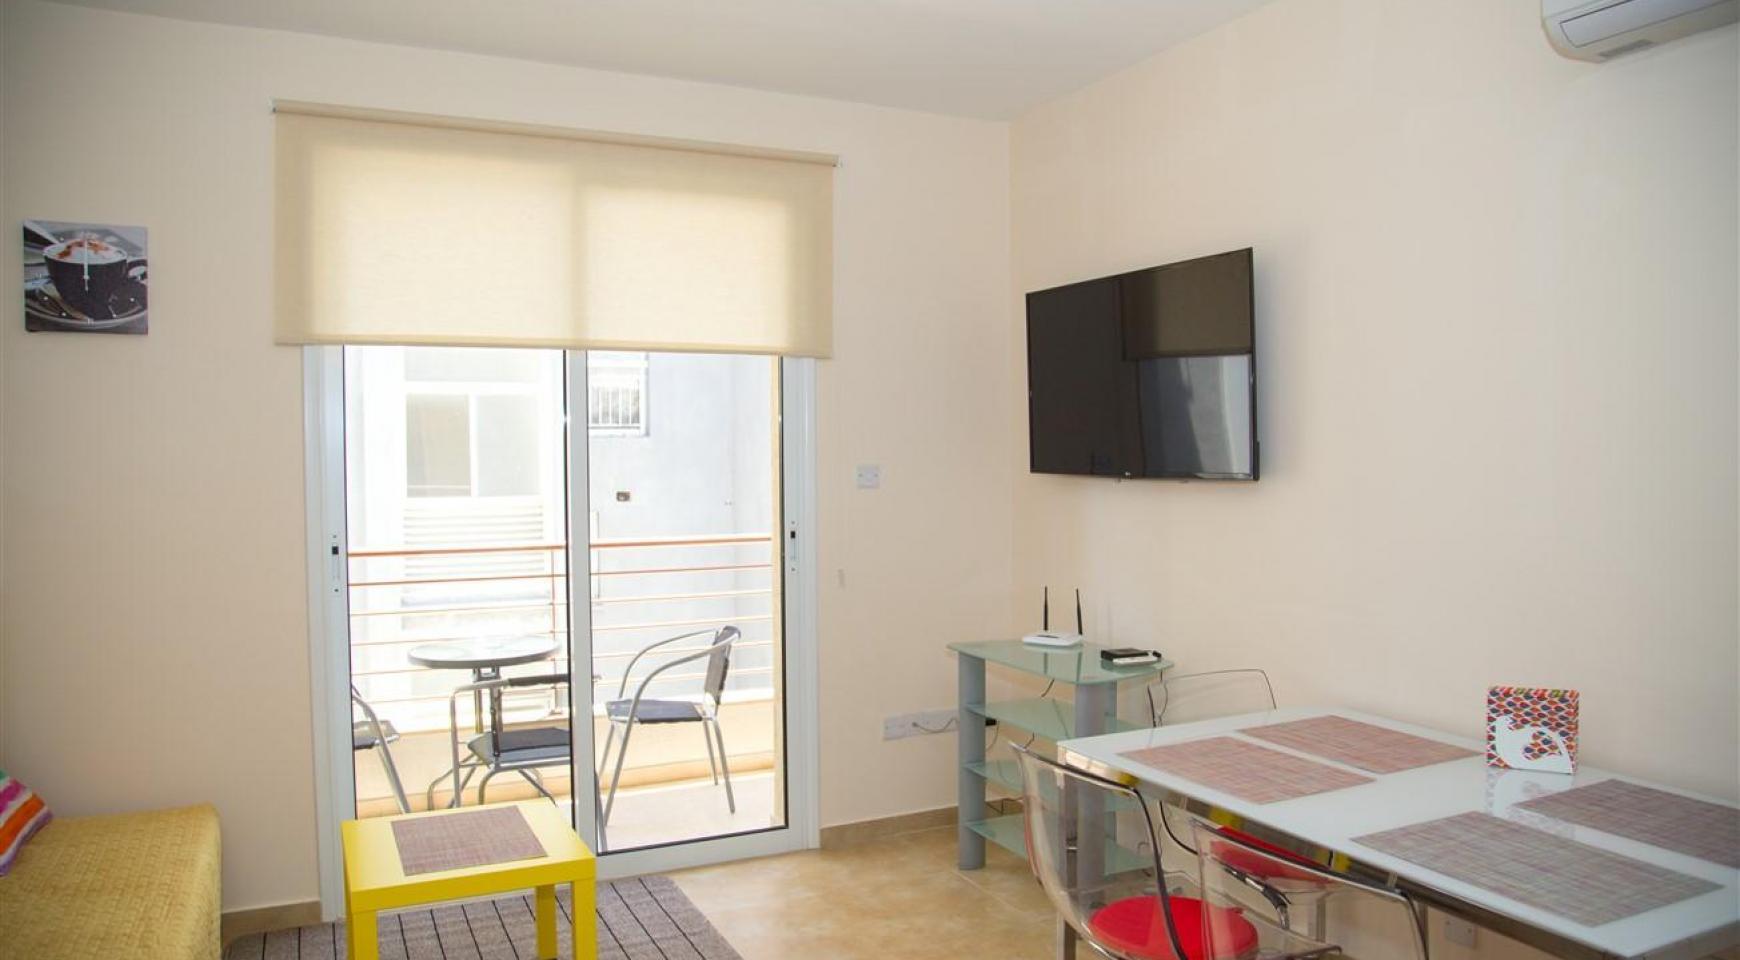 Studio Frida 202 in the Tourist area - 2